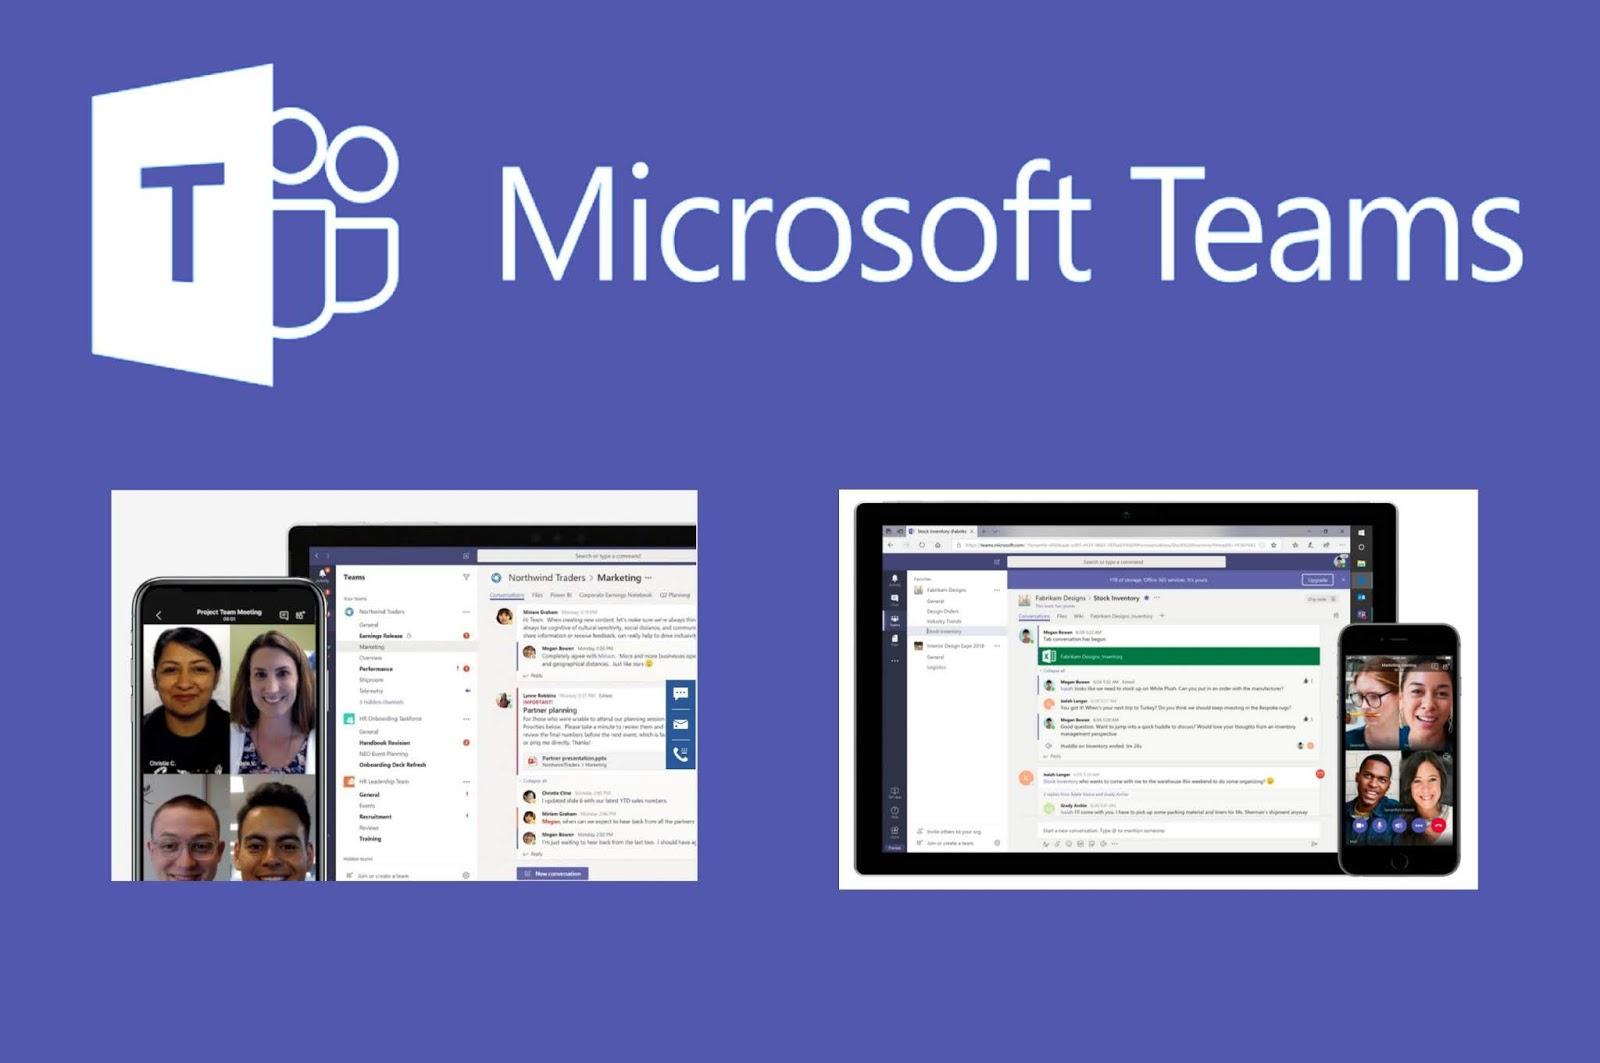 أخيرا ميكروسوفت تتيح خدمة التواصل Teams للجميع